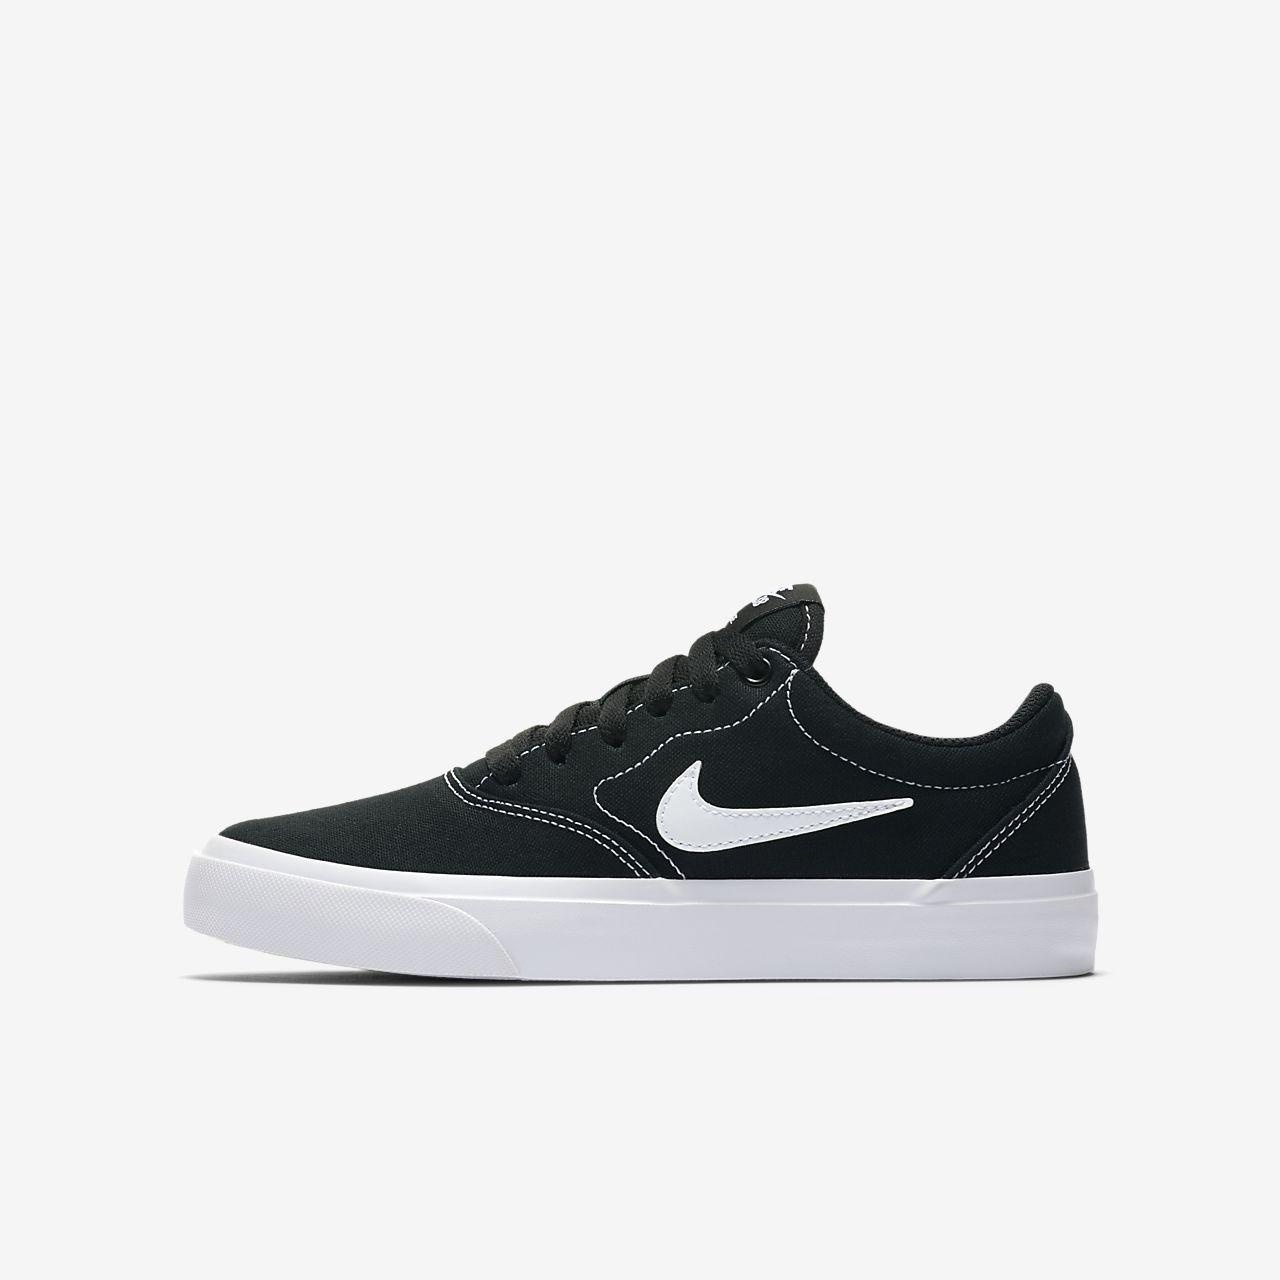 Nike SB Charge Canvas Older Kids' Skate